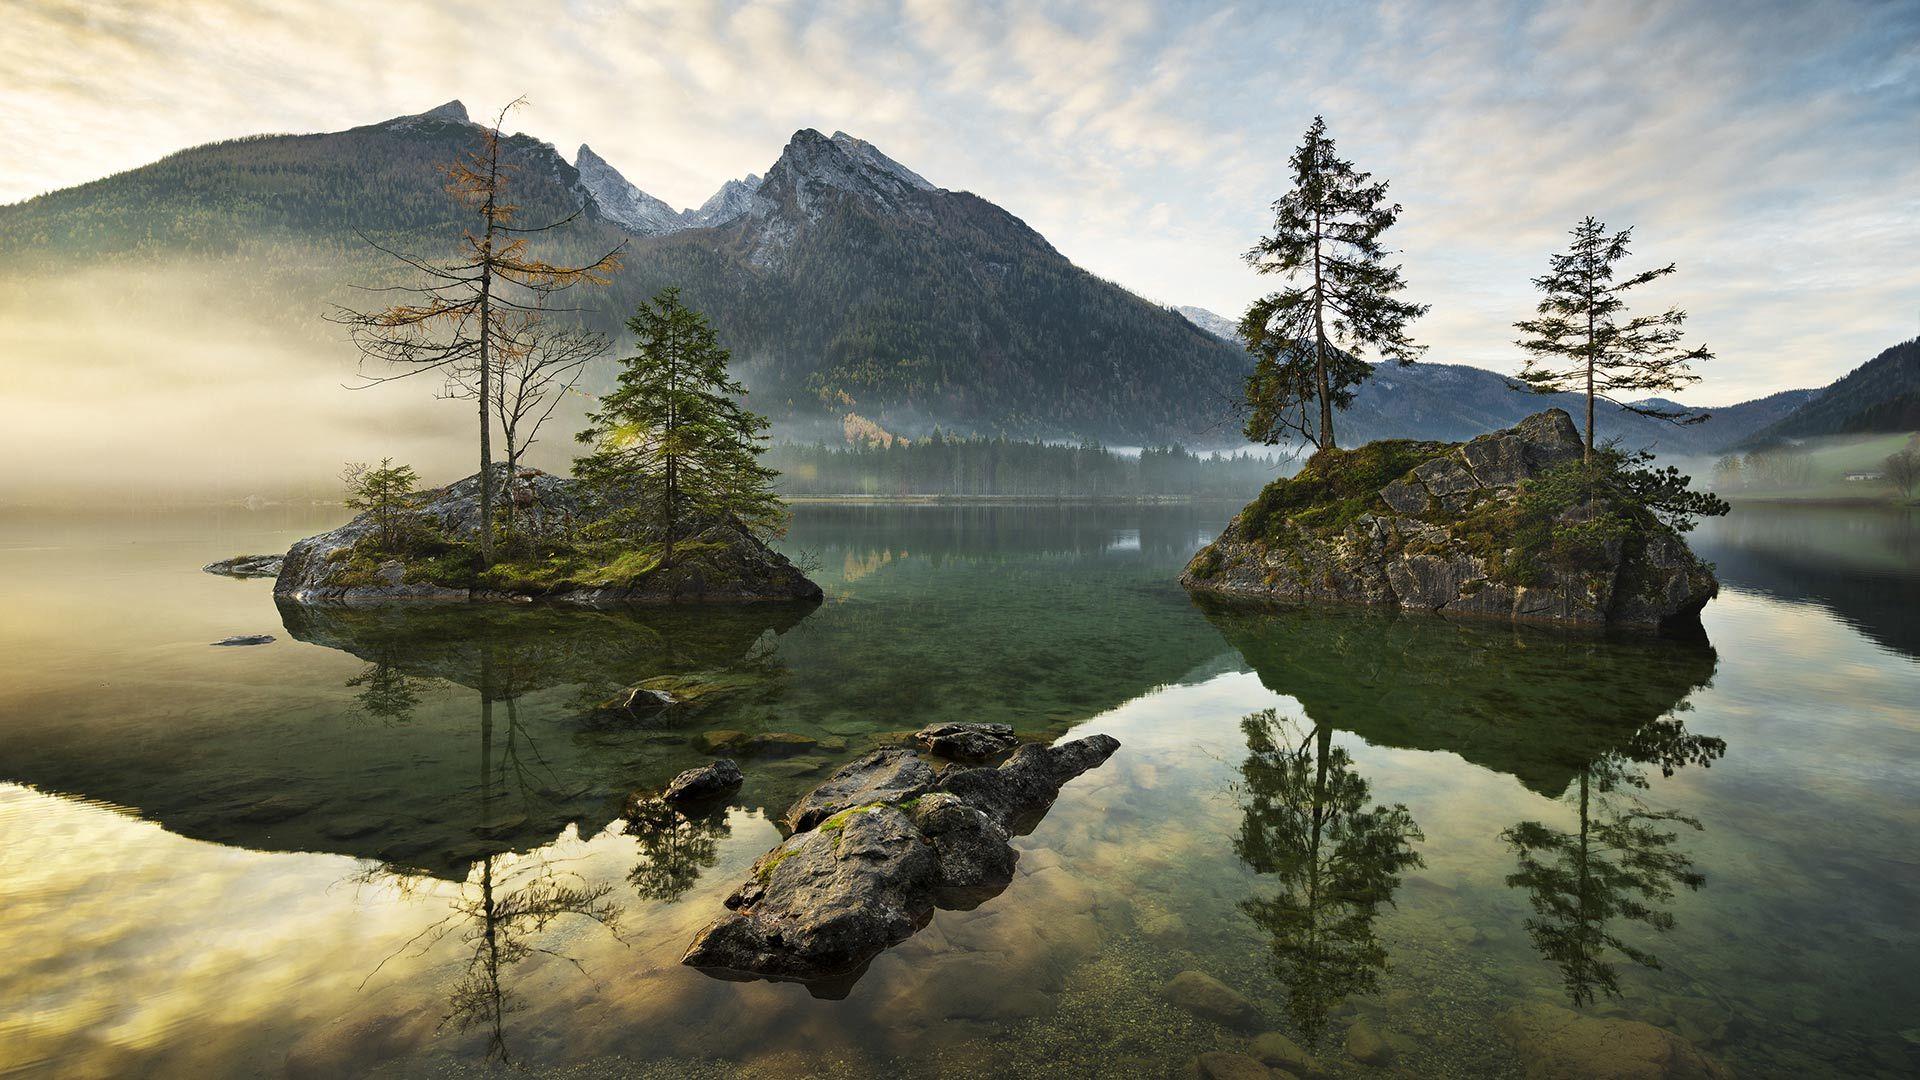 被阿尔卑斯山环抱的辛特湖辛特湖